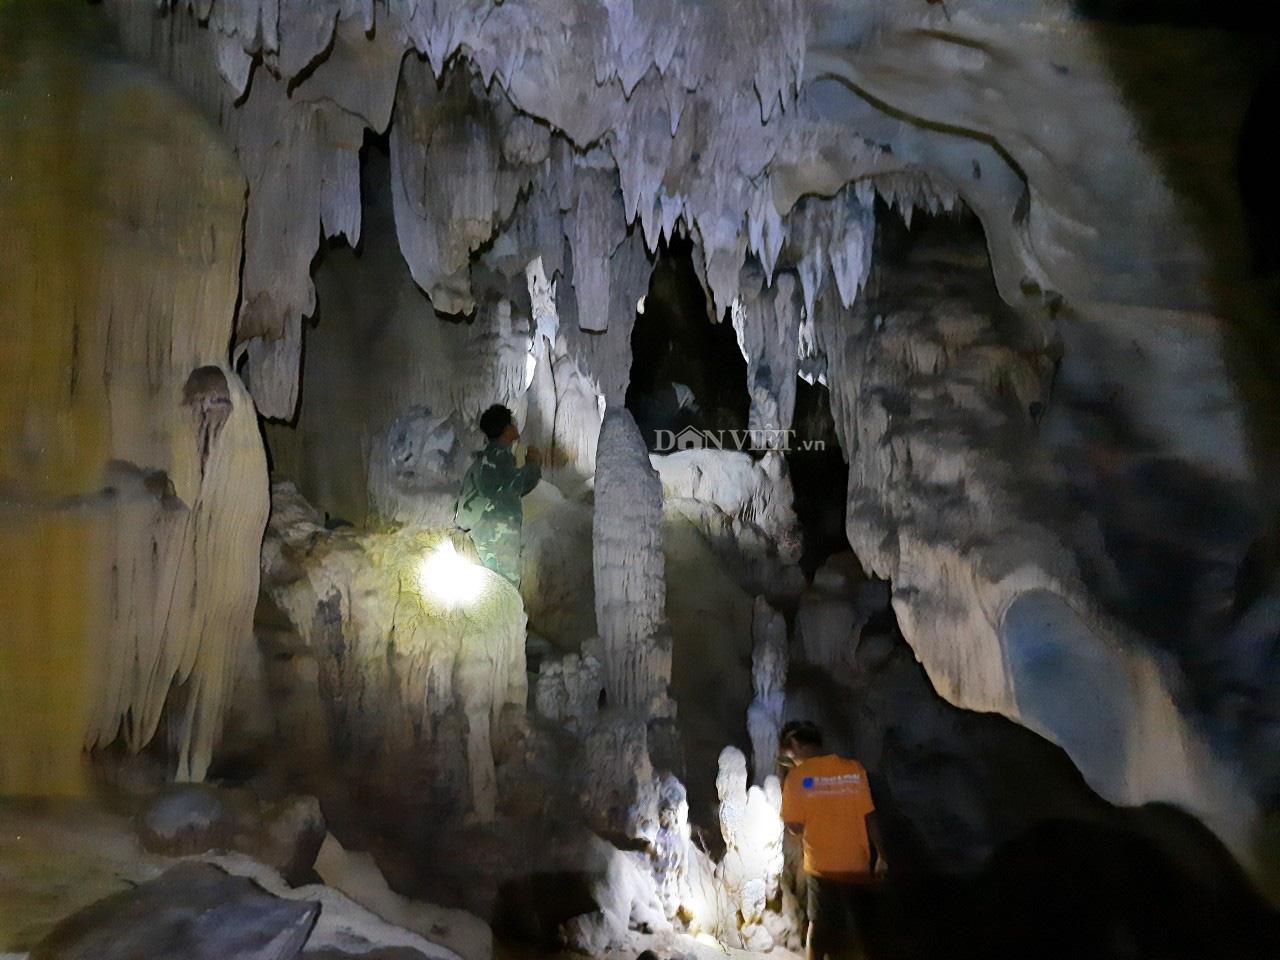 Quảng Trị: Phát hiện hang động mới, đẹp lung linh ở thôn Trỉa - Ảnh 3.